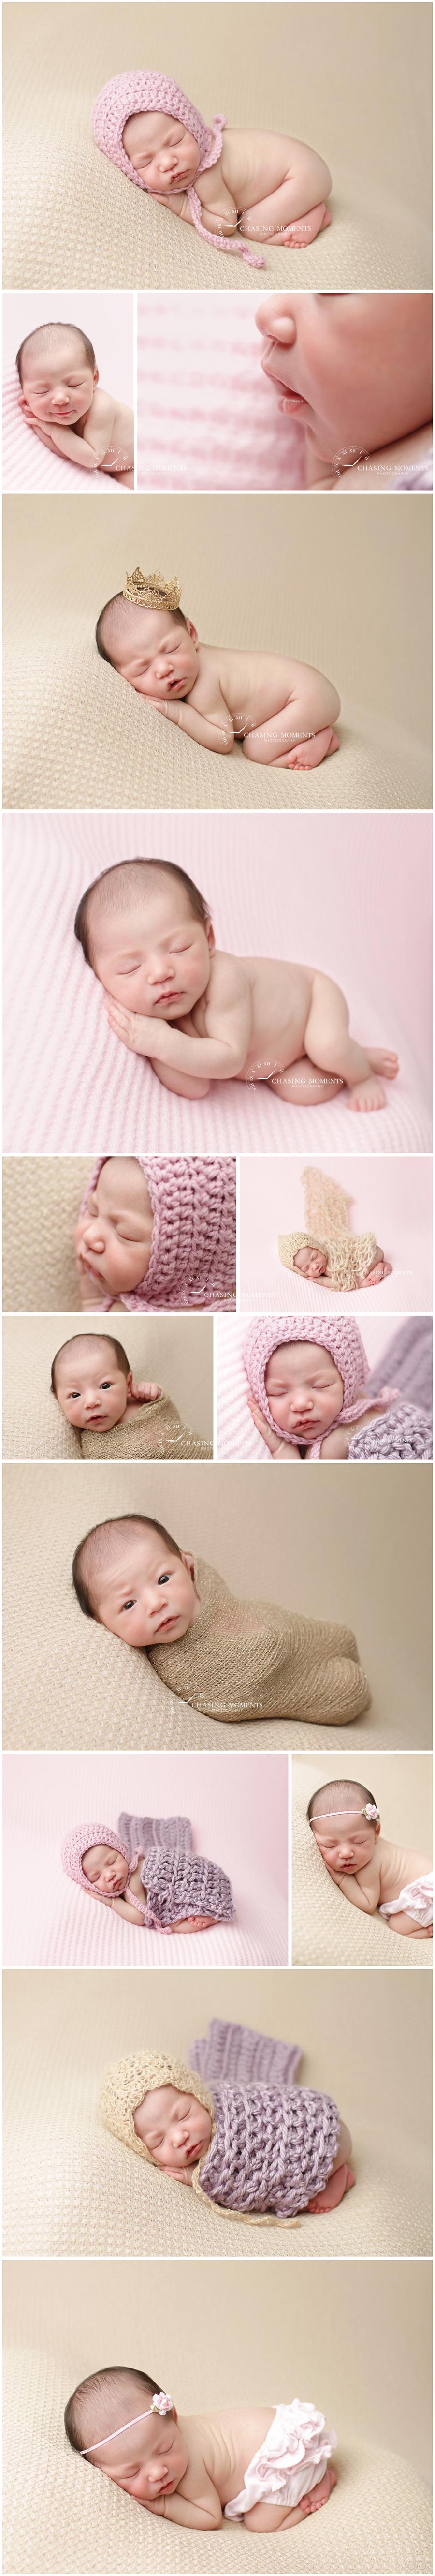 alexandria va newborn baby photographer